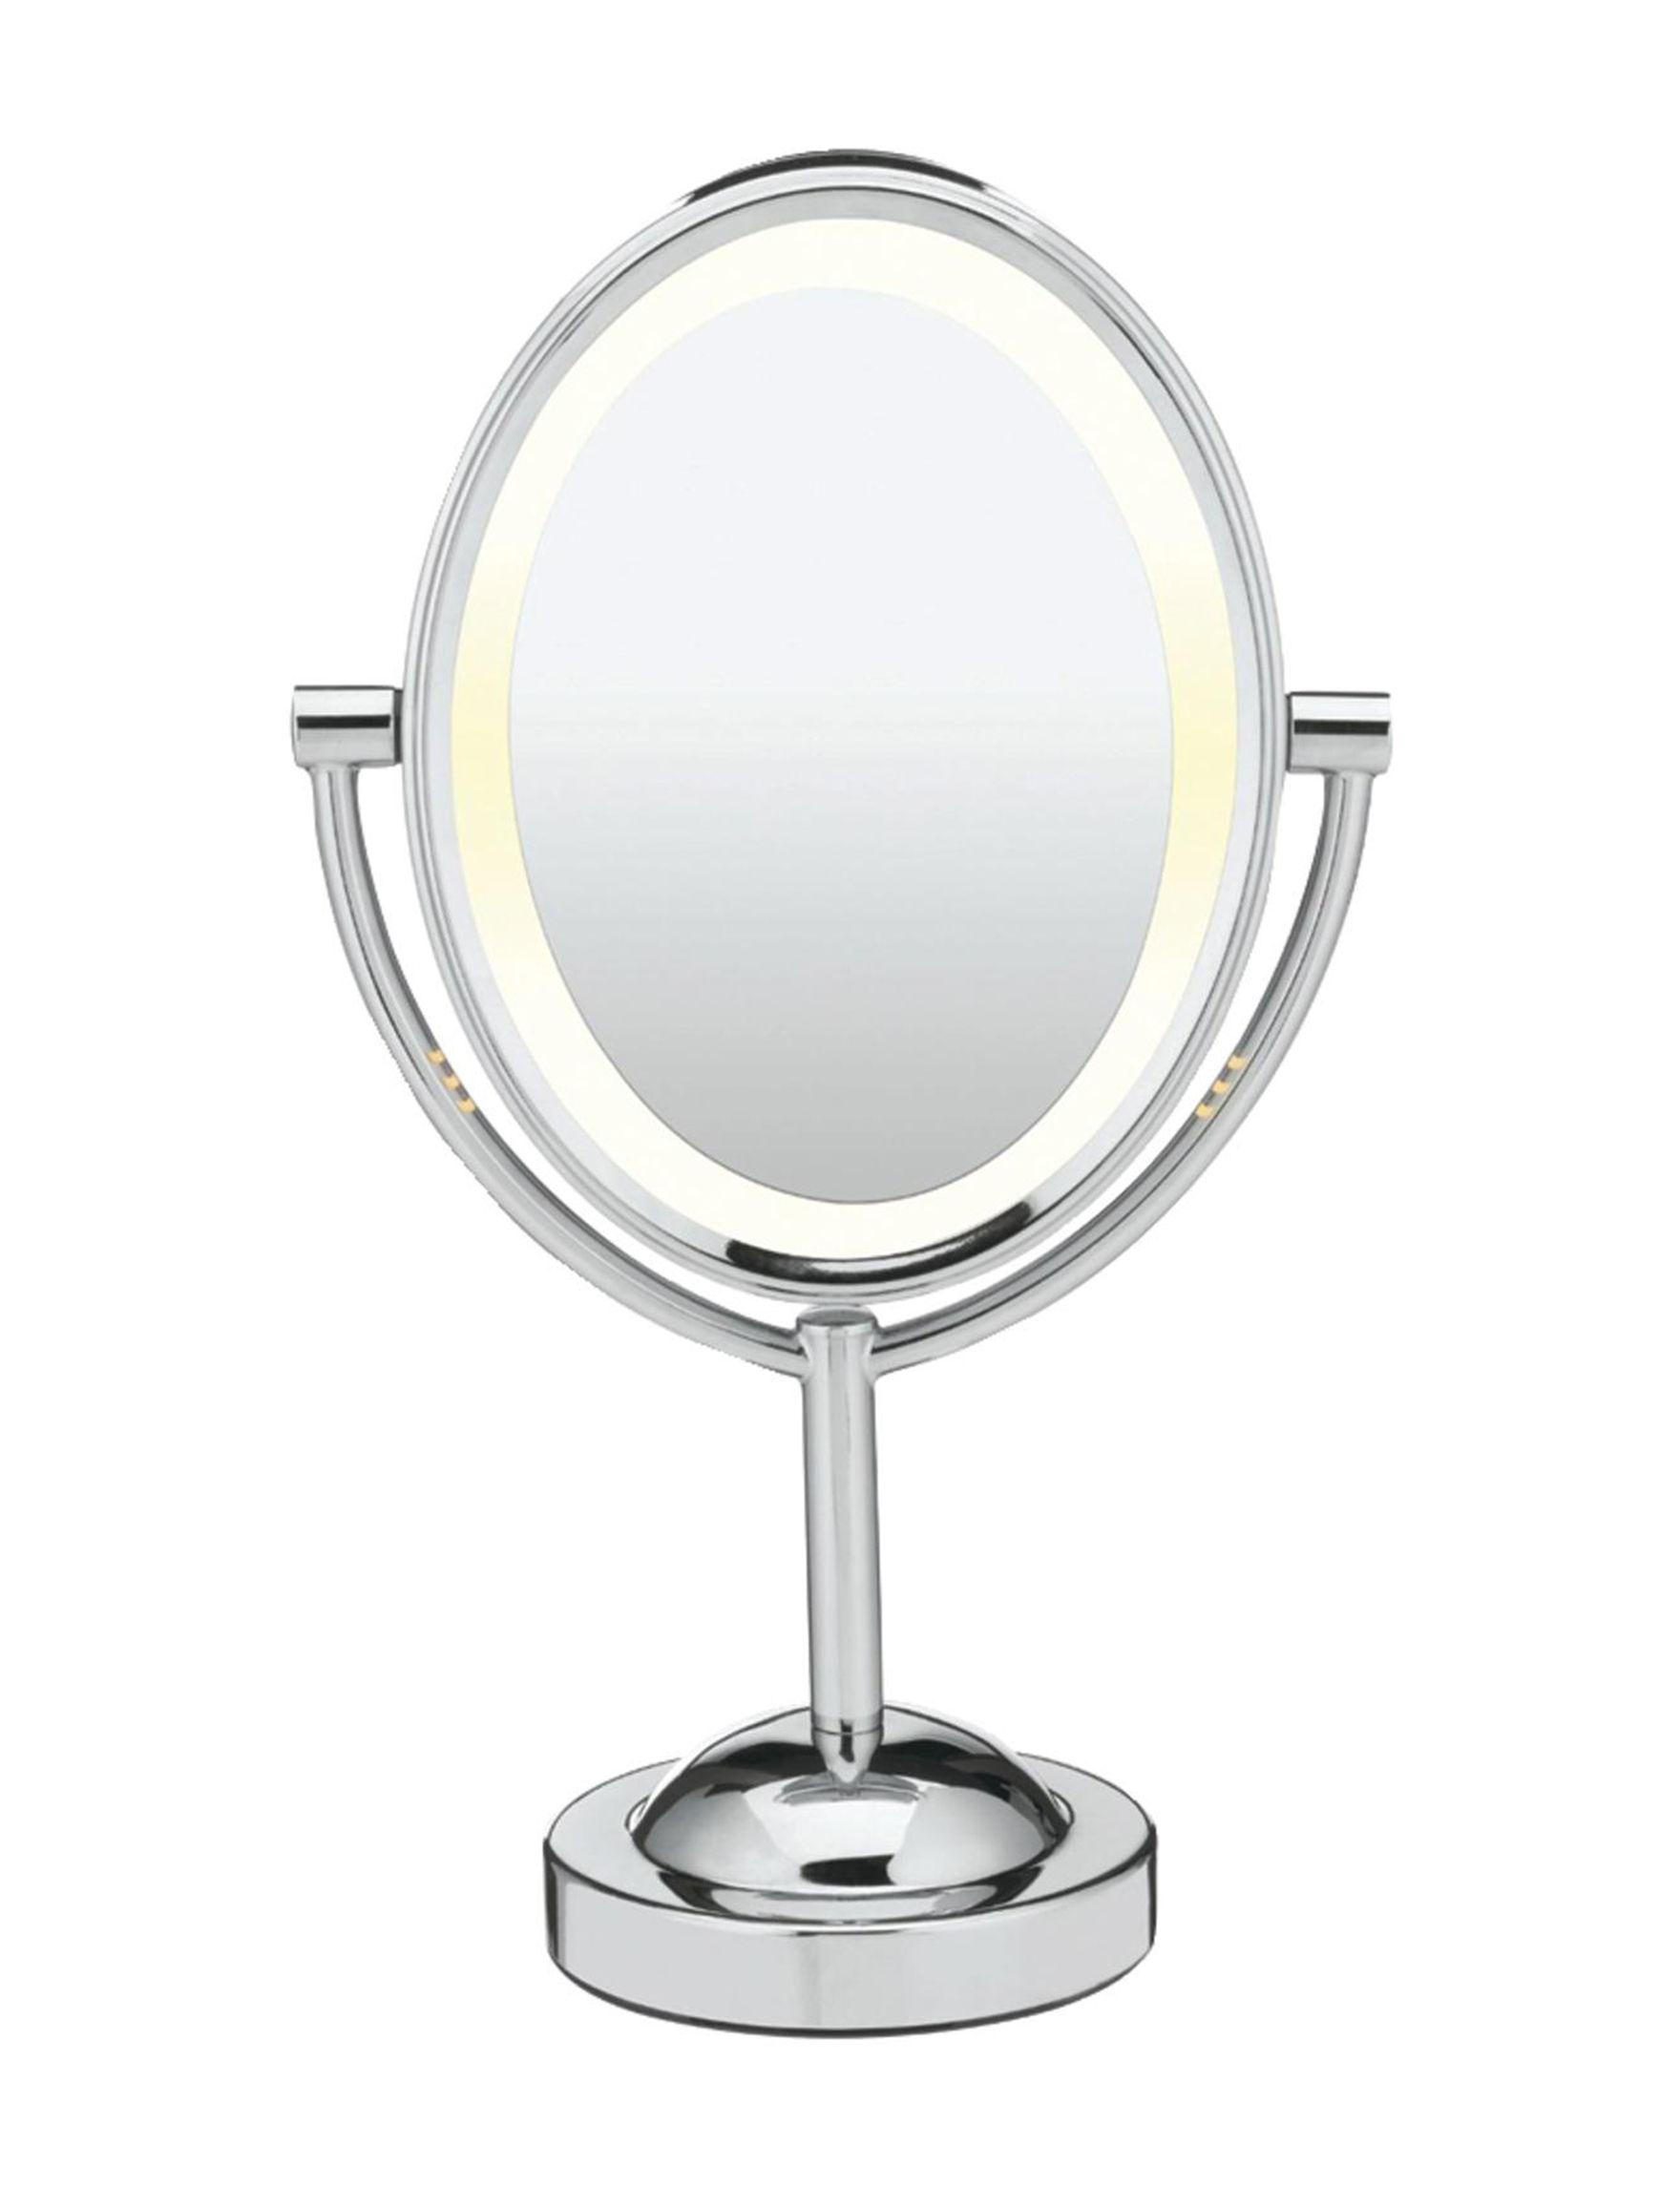 Conair Silver Bath Accessories